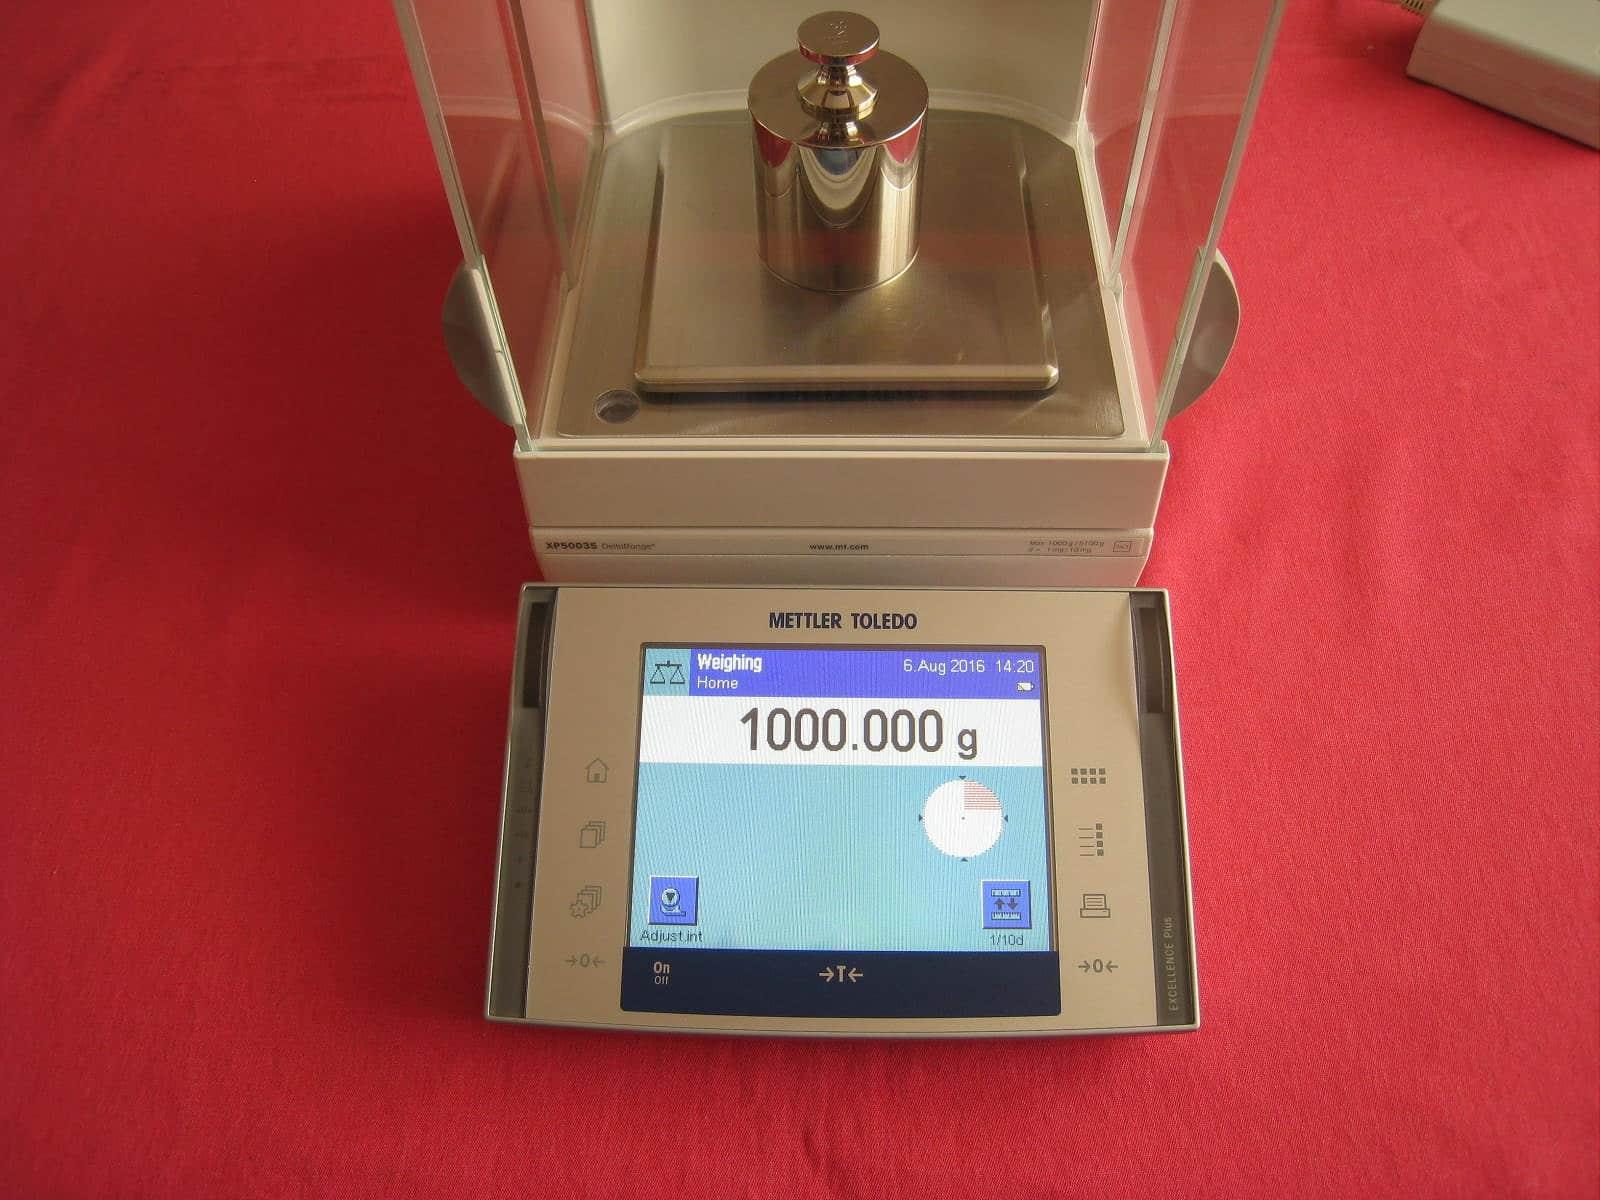 Mettler Toledo XP5003S DeltaRange Balance Scale 1000.000g / 5100.00g